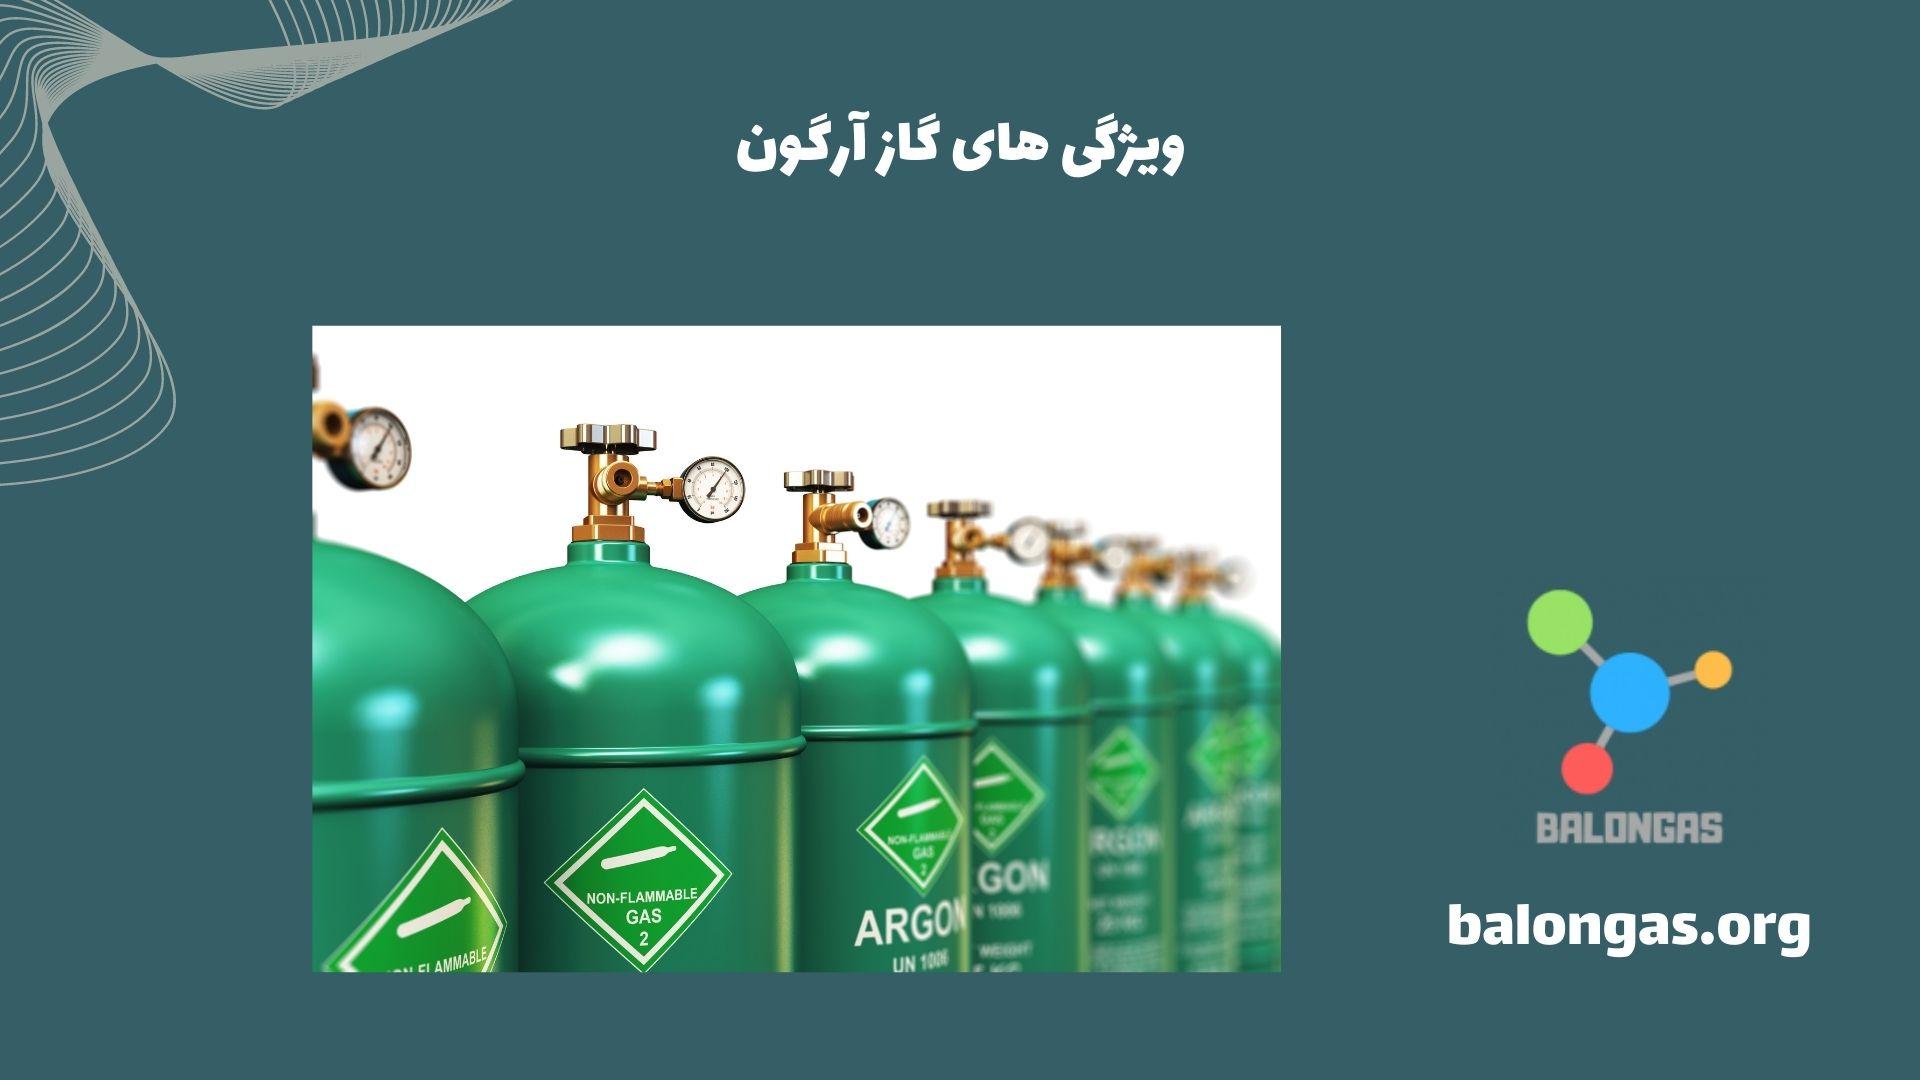 ویژگی های گاز آرگون